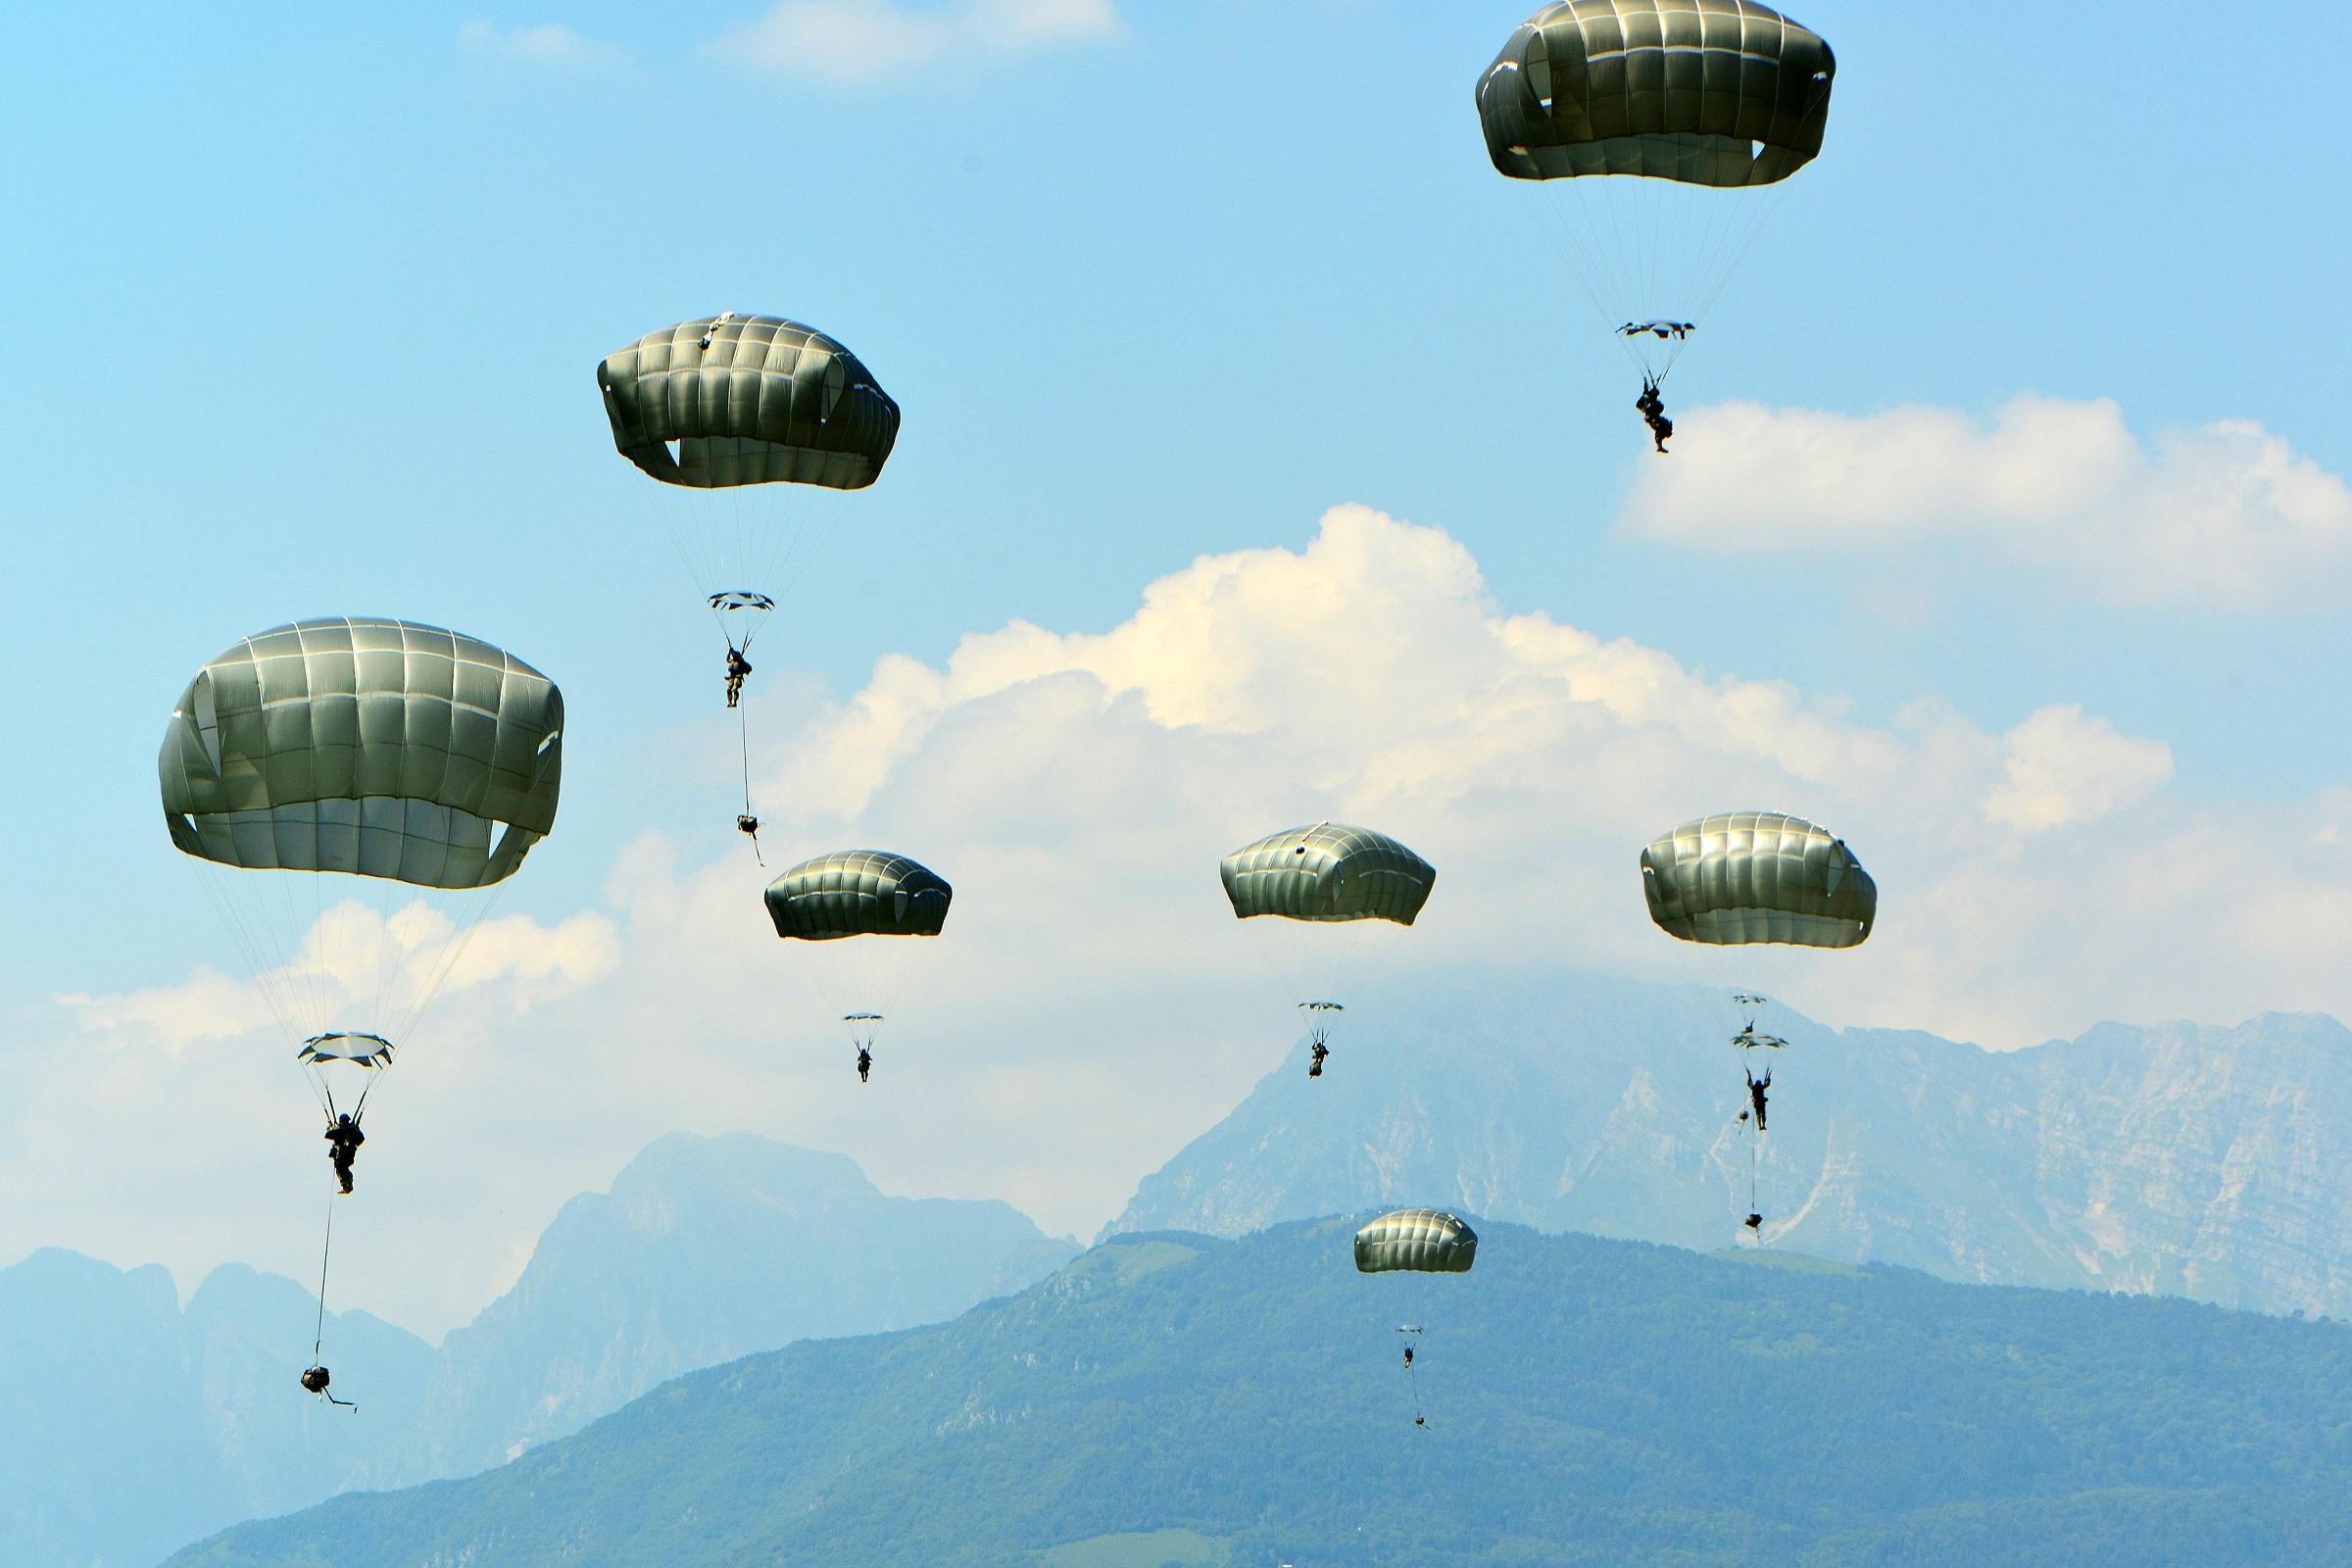 фото парашютистов вдв в небе